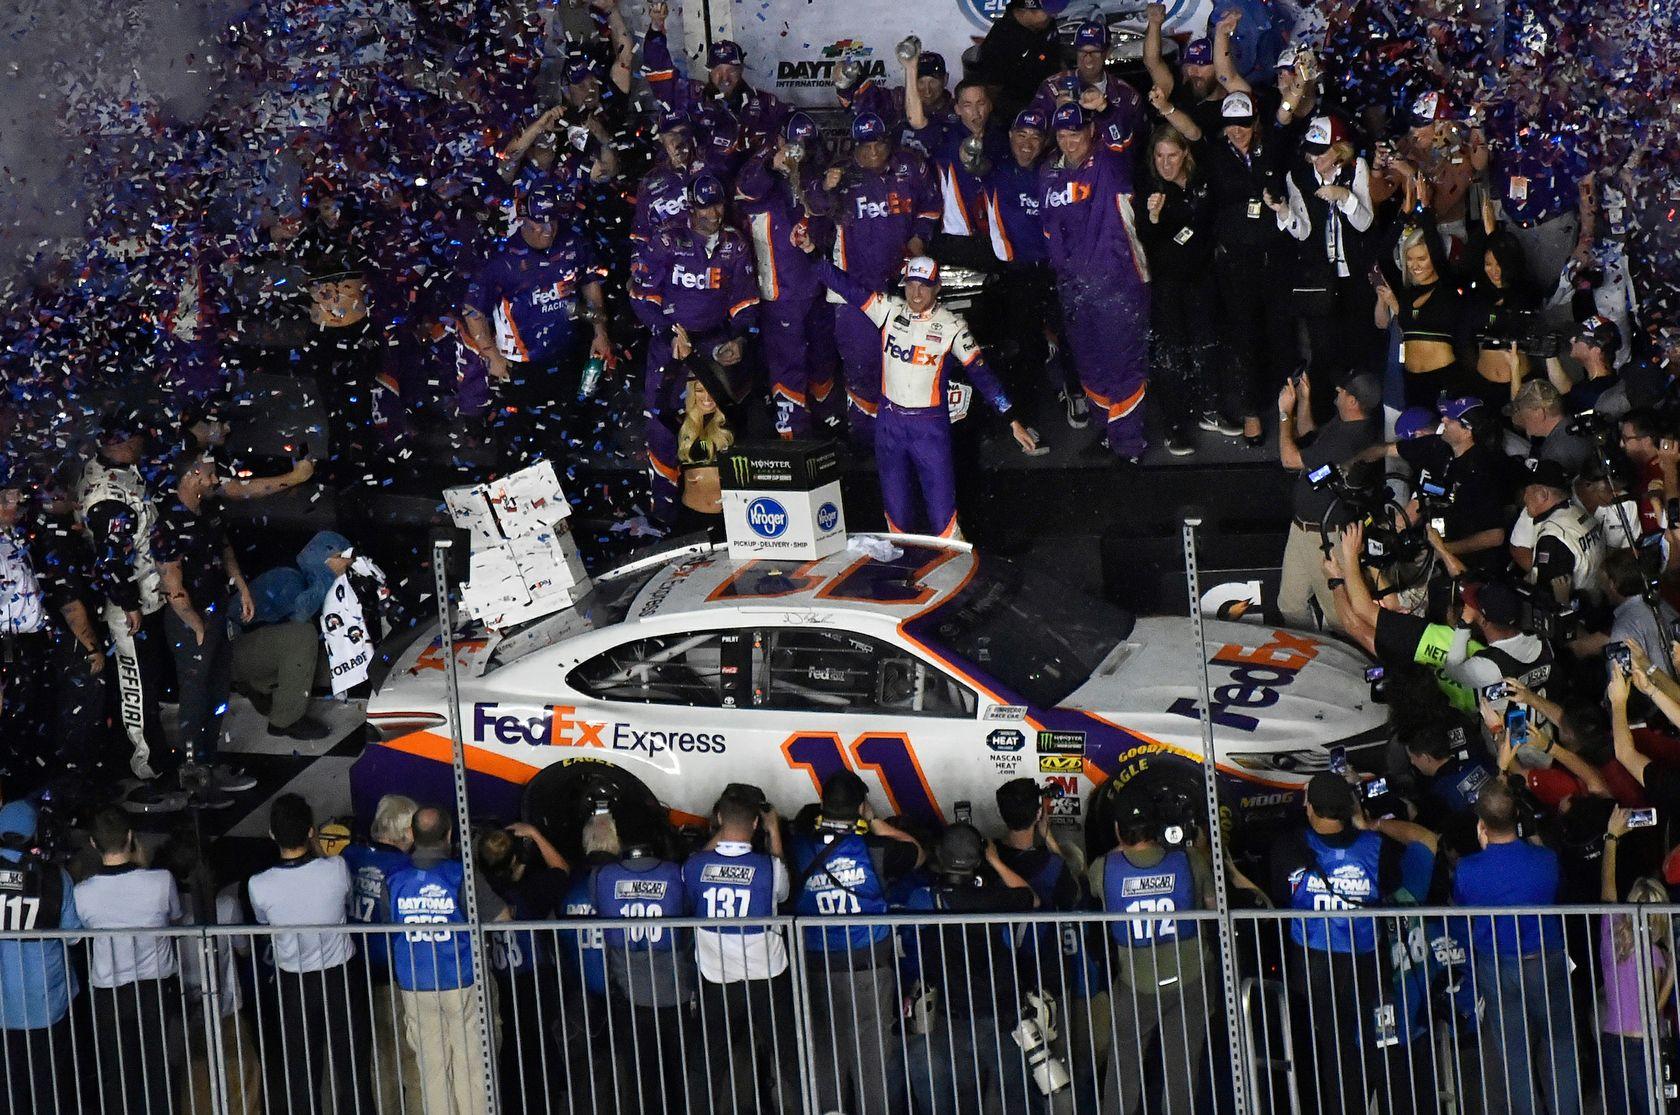 MENCS_Denny_Hamlin_2019_Daytona_500_Victory_FF2E4A1E686050FA74F87EBFA6F9EF113BFE7E97_20190218130724557